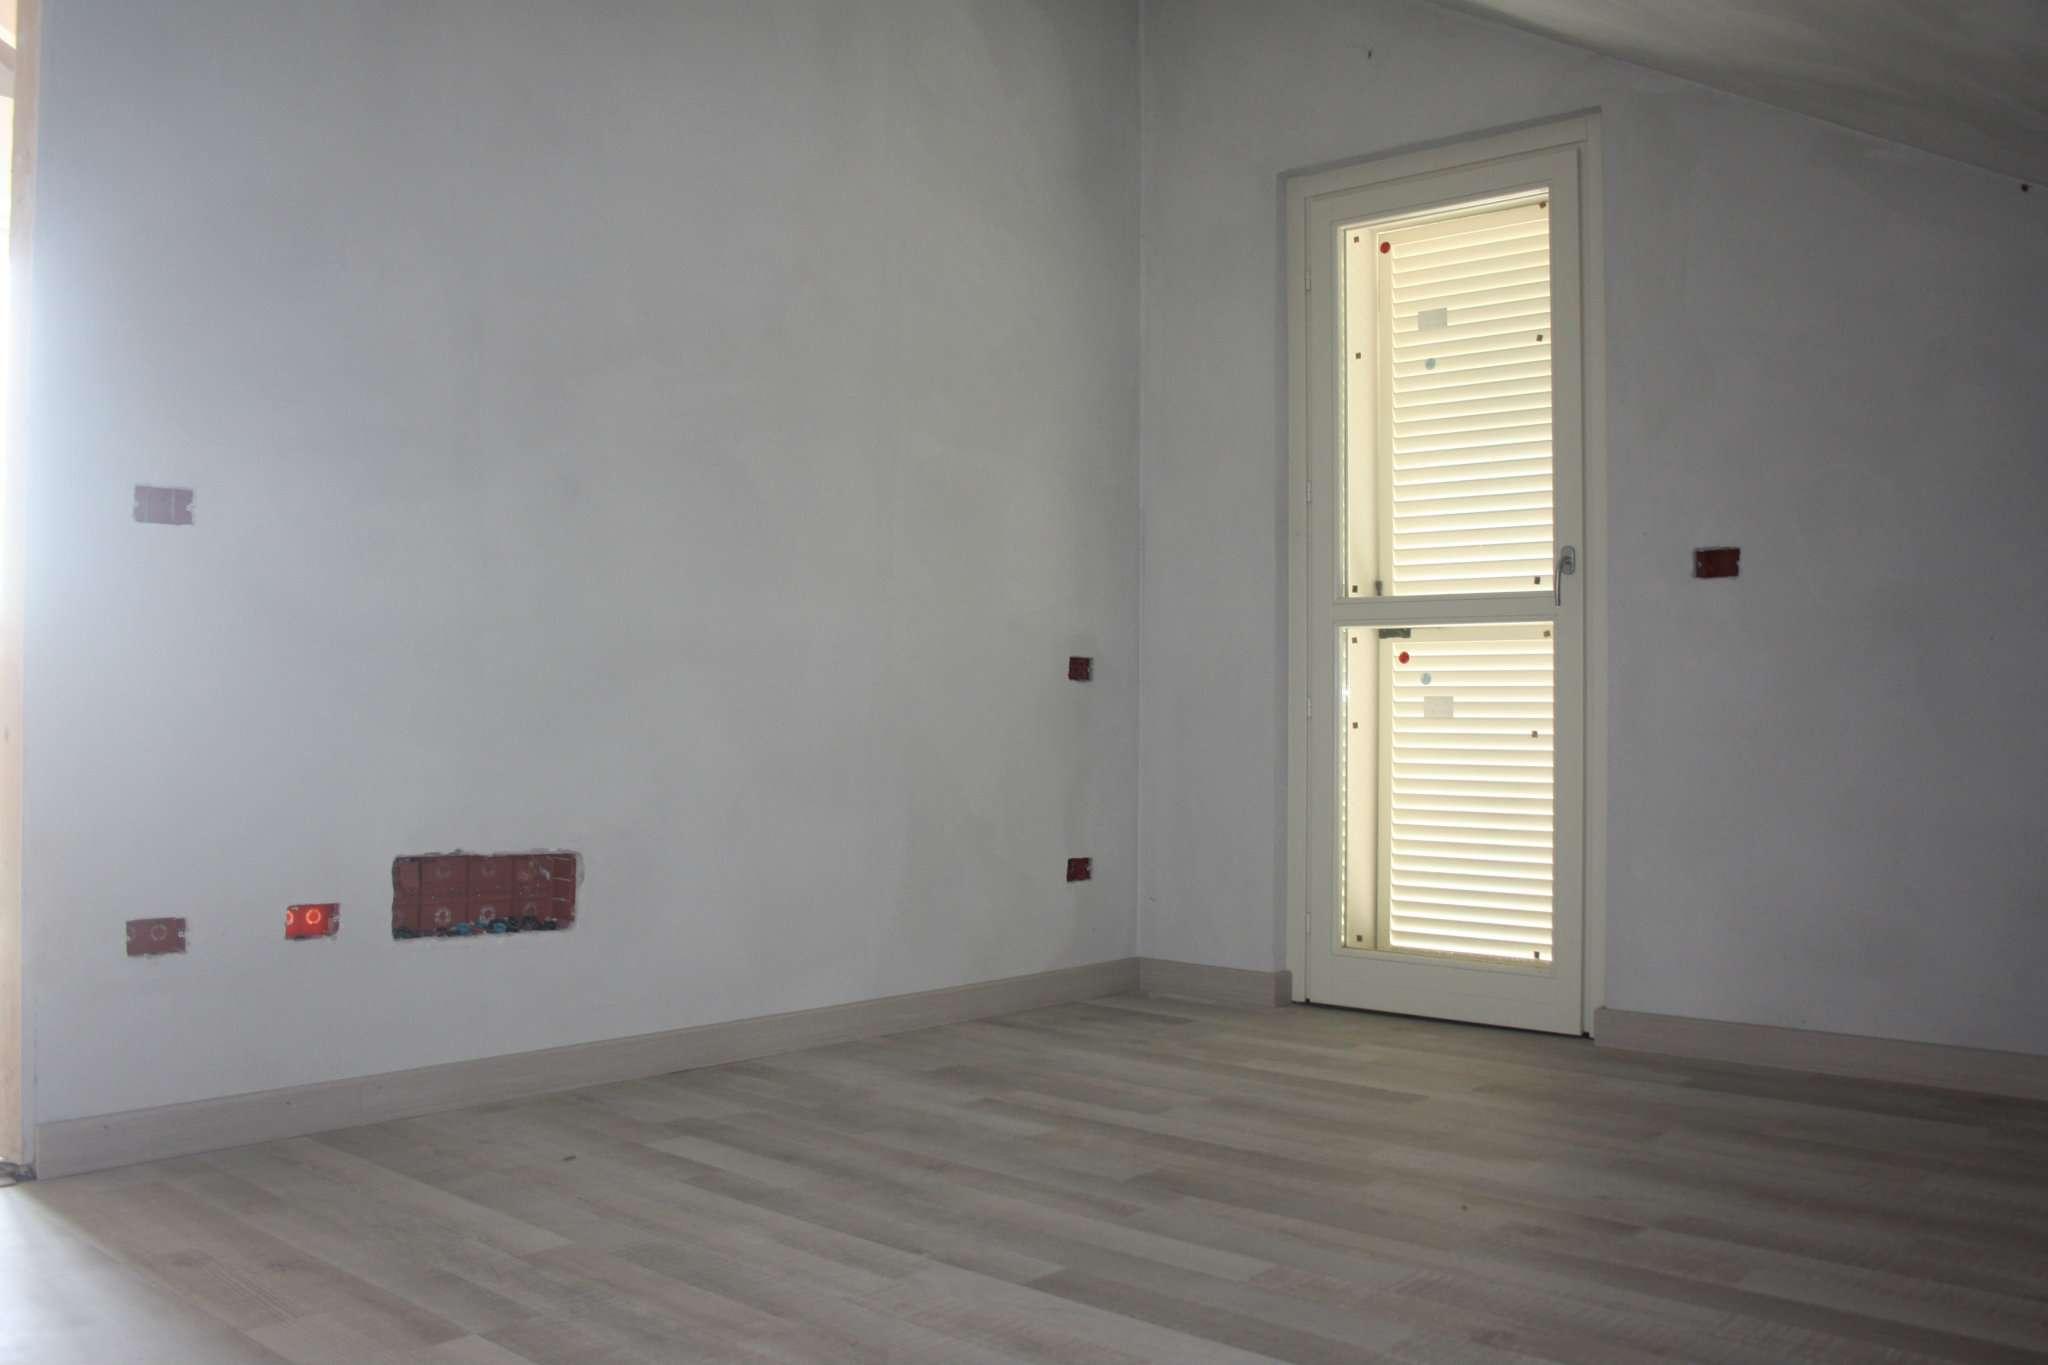 Appartamento in vendita a Bra, 2 locali, prezzo € 76.000 | CambioCasa.it